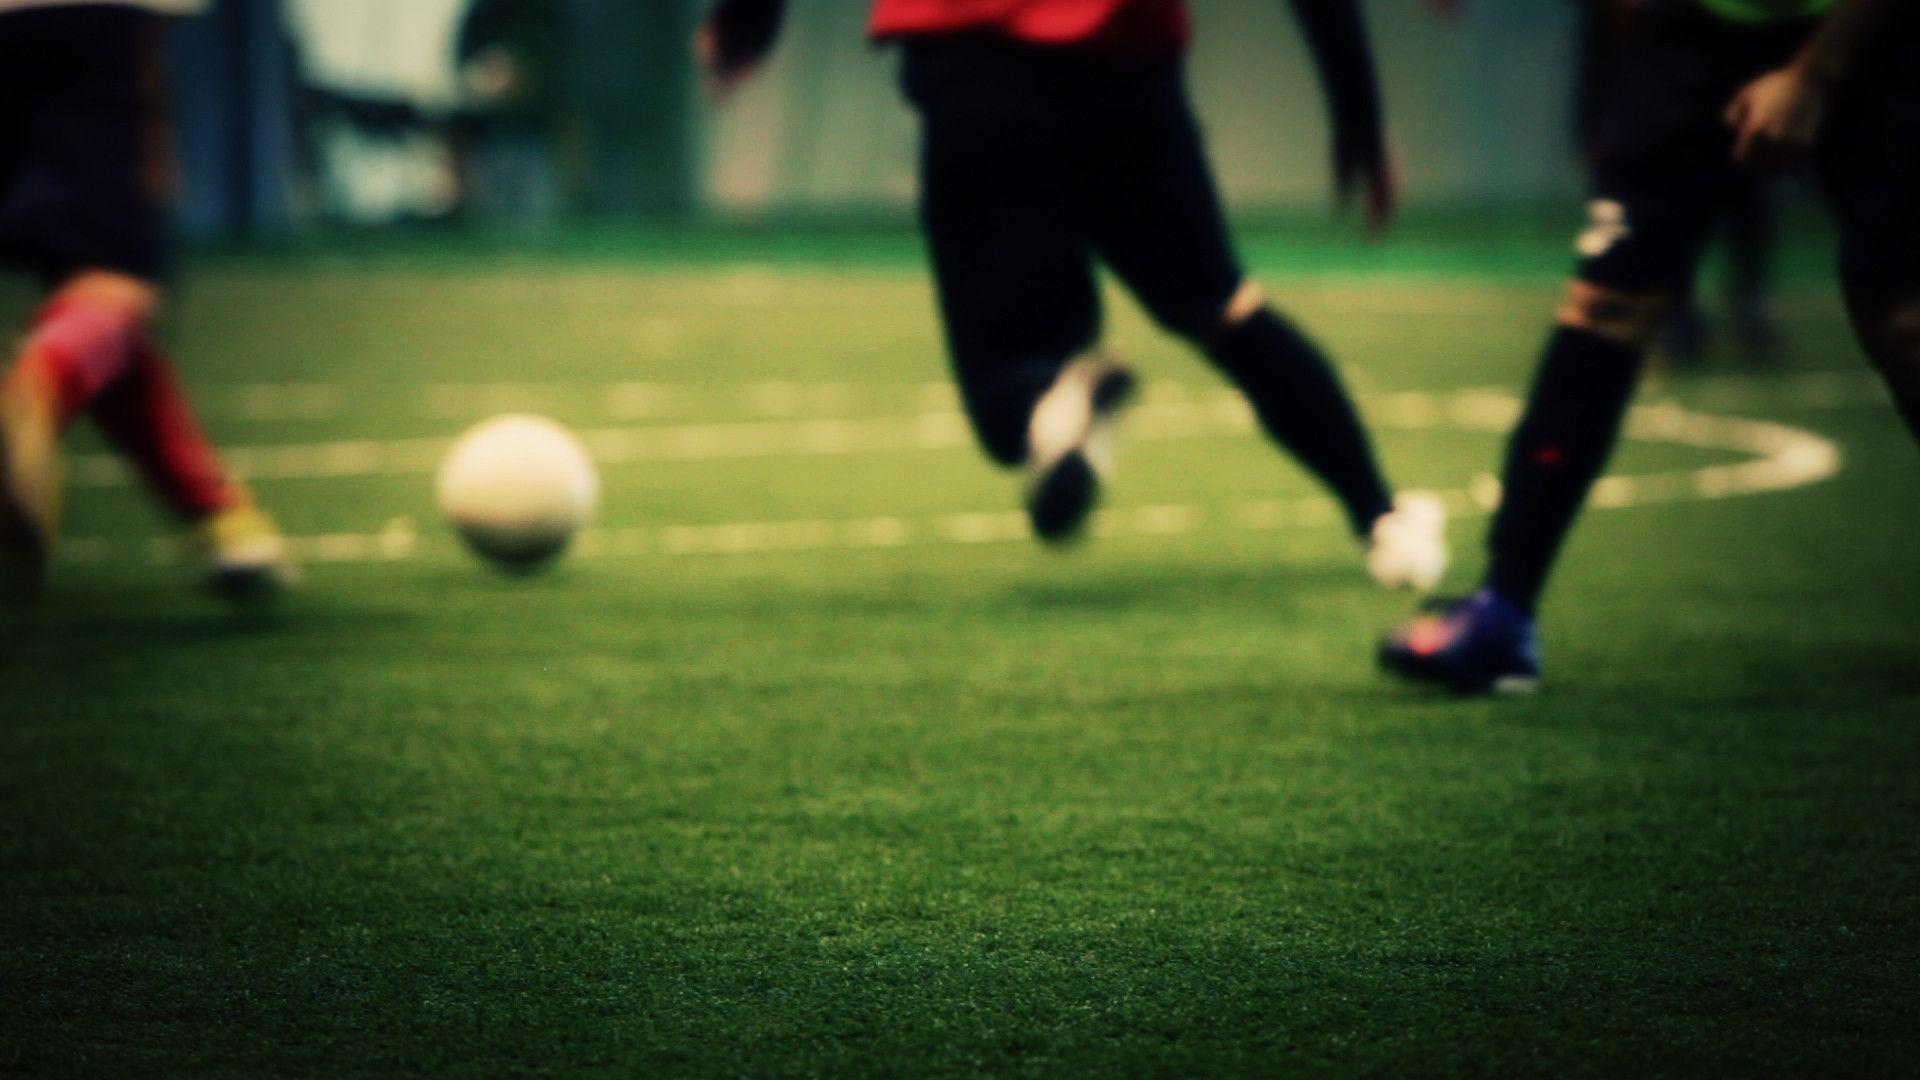 80 Download Gambar Futsal Keren Gratis Terbaru